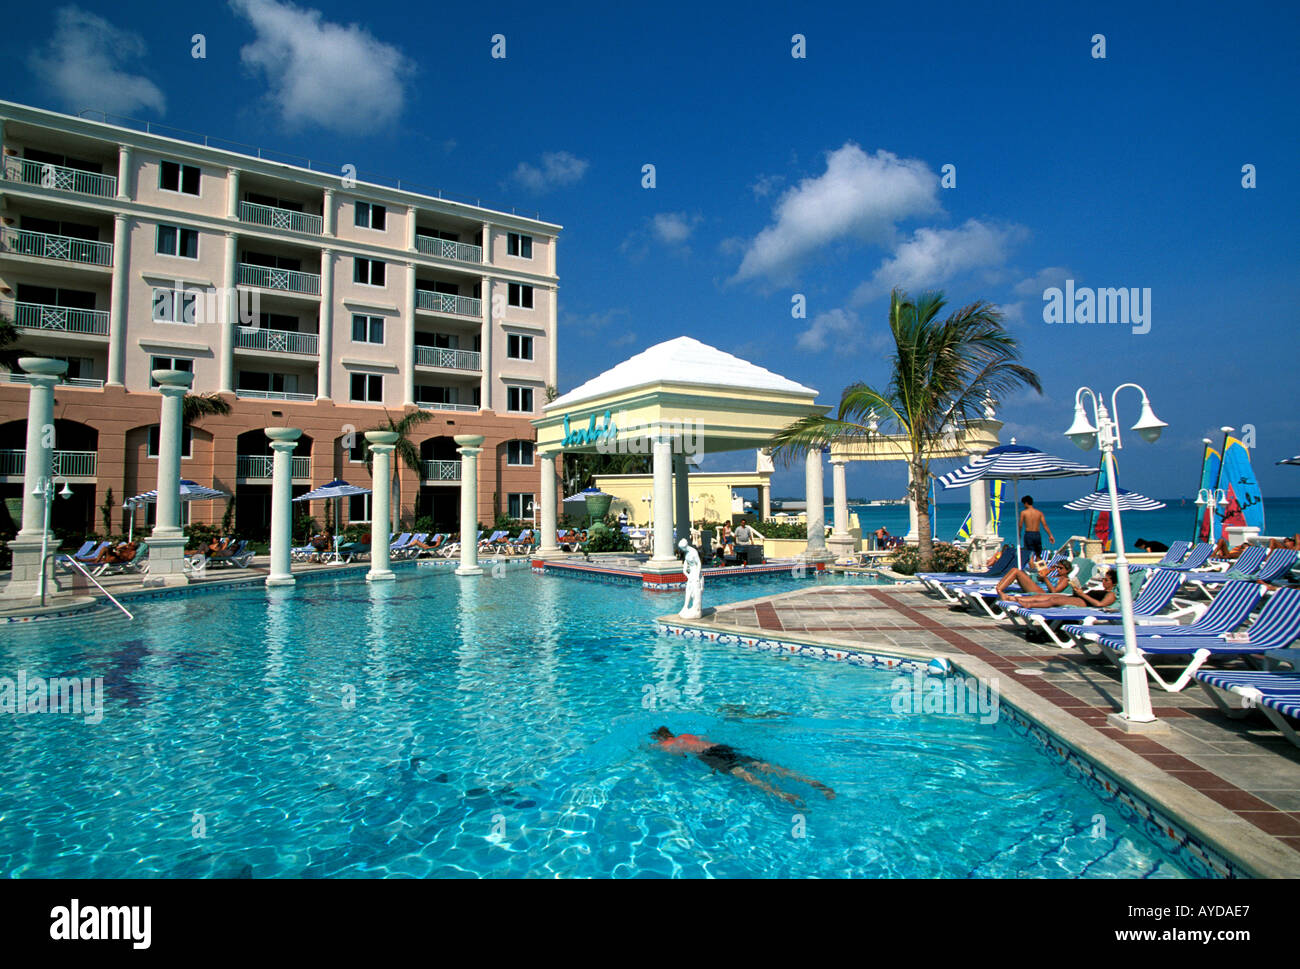 Bahamas Nassau Cable Beach Sandals Royal Bahamian Swimming Pool Stock Photo Royalty Free Image